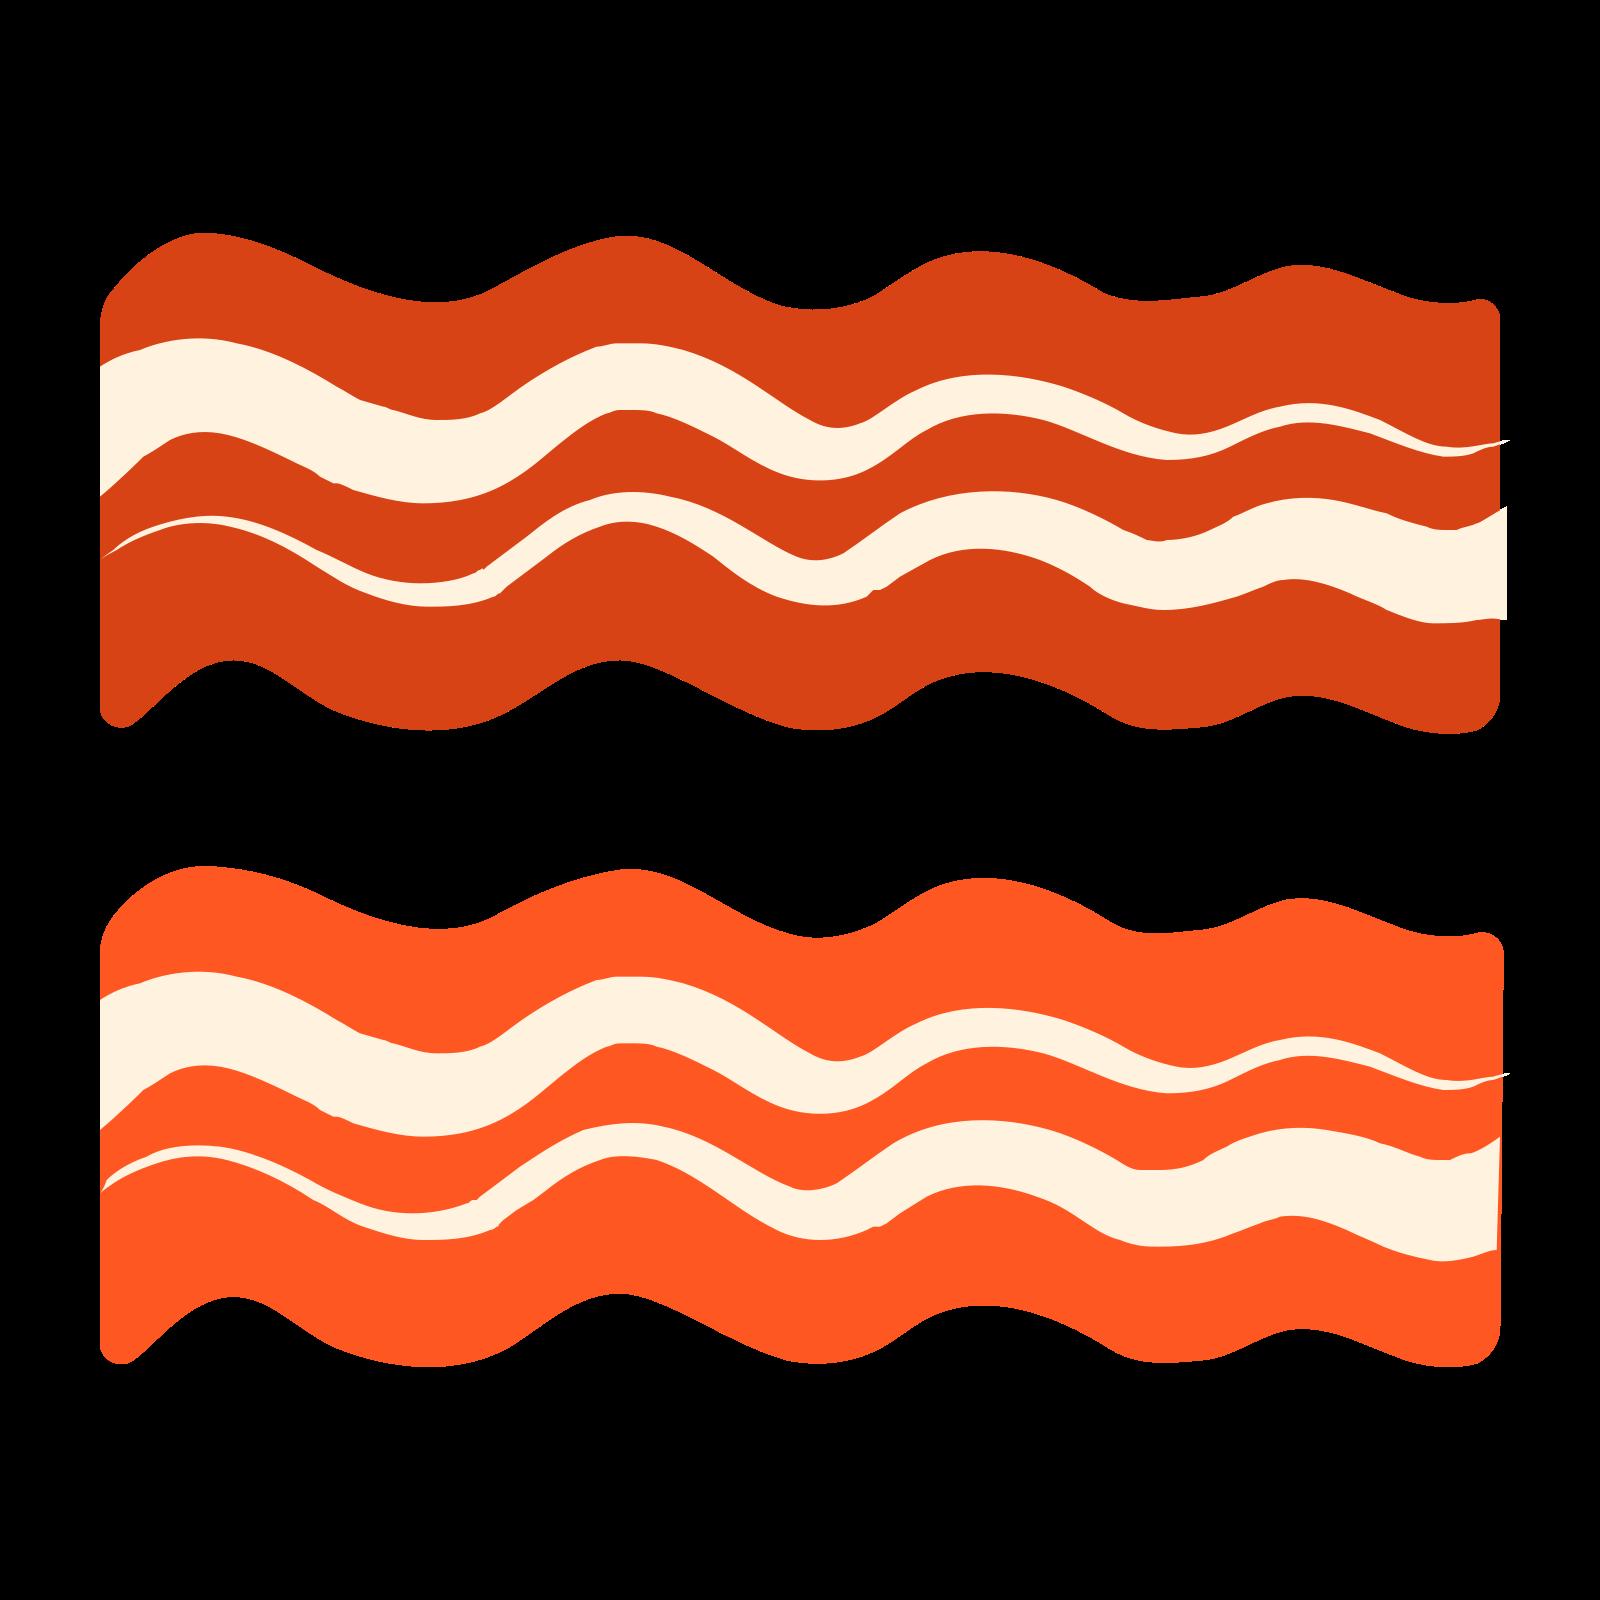 Speck icon